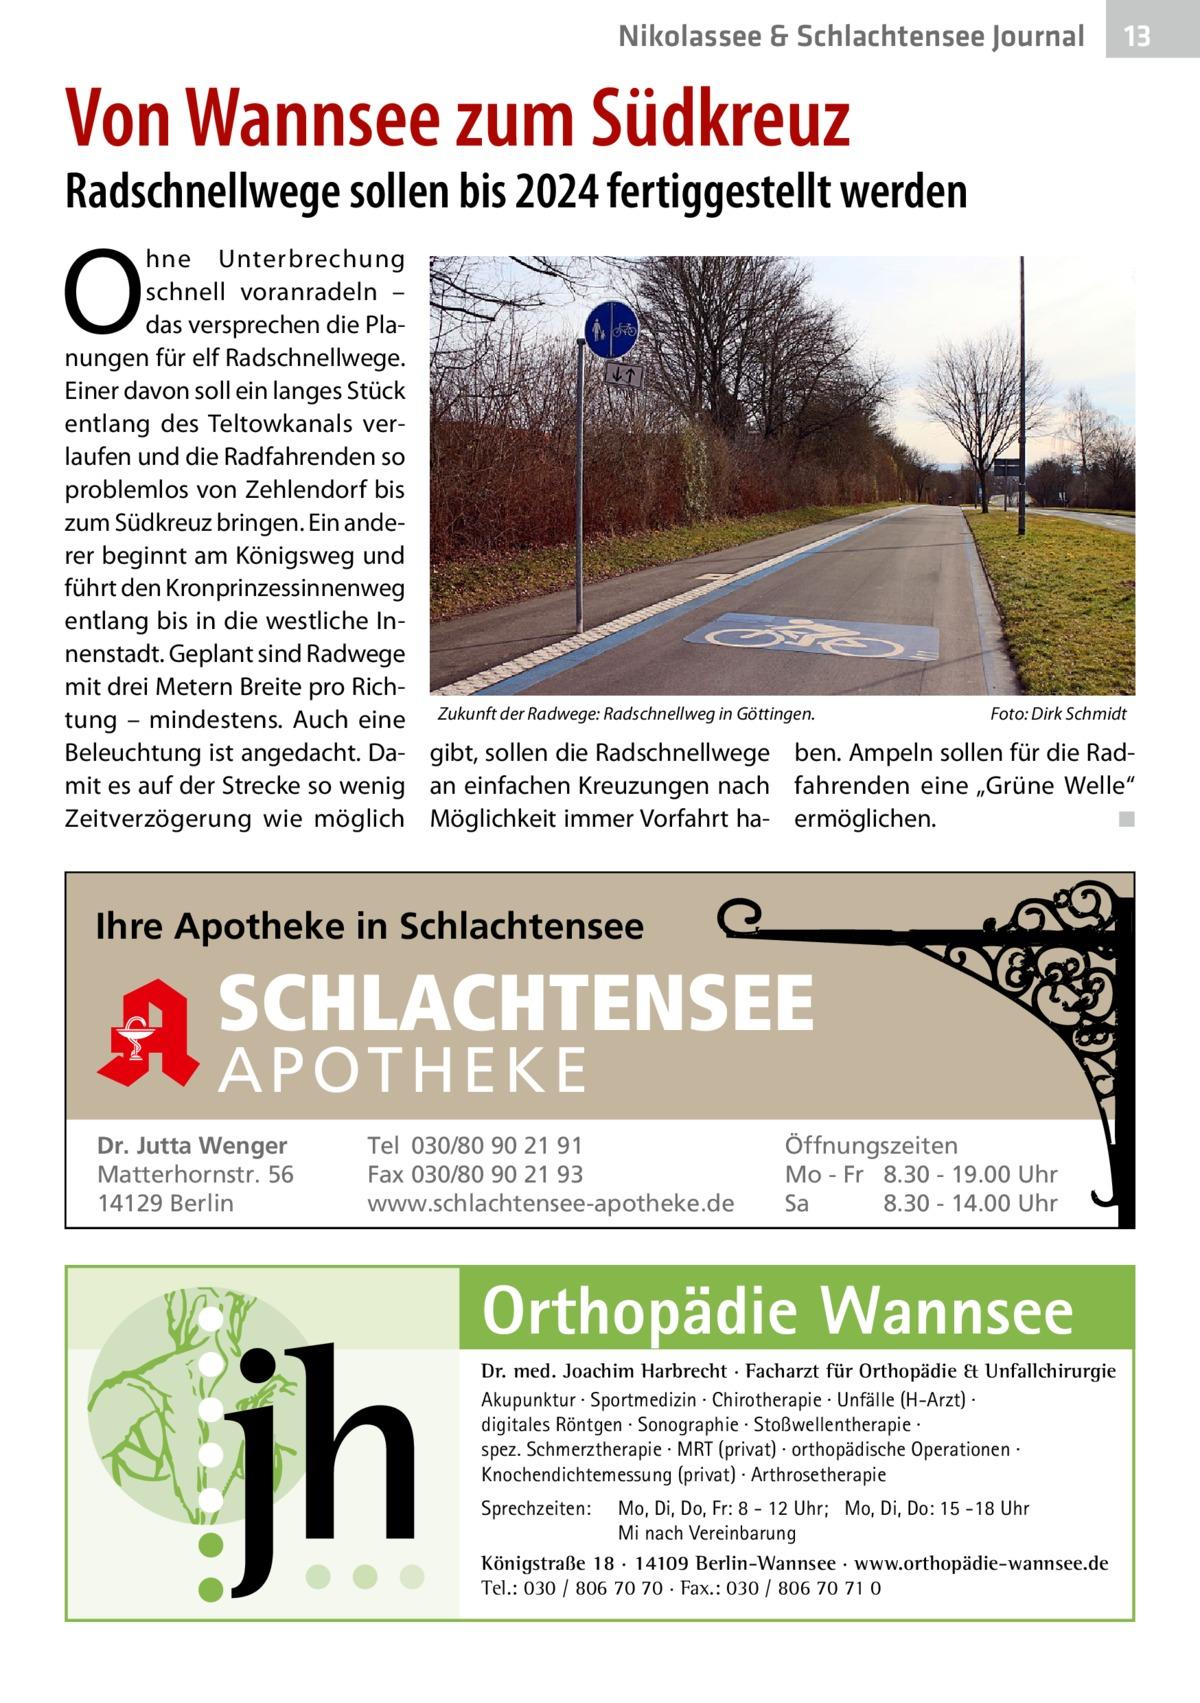 """Nikolassee & Schlachtensee Journal  13  Von Wannsee zum Südkreuz  Radschnellwege sollen bis 2024 fertiggestellt werden  O  hne Unterbrechung schnell voranradeln – das versprechen die Planungen für elf Radschnellwege. Einer davon soll ein langes Stück entlang des Teltowkanals verlaufen und die Radfahrenden so problemlos von Zehlendorf bis zum Südkreuz bringen. Ein anderer beginnt am Königsweg und führt den Kronprinzessinnenweg entlang bis in die westliche Innenstadt. Geplant sind Radwege mit drei Metern Breite pro RichFoto: Dirk Schmidt tung – mindestens. Auch eine Zukunft der Radwege: Radschnellweg in Göttingen. � Beleuchtung ist angedacht. Da- gibt, sollen die Radschnellwege ben. Ampeln sollen für die Radmit es auf der Strecke so wenig an einfachen Kreuzungen nach fahrenden eine """"Grüne Welle"""" Zeitverzögerung wie möglich Möglichkeit immer Vorfahrt ha- ermöglichen. � ◾  Ihre Apotheke in Schlachtensee  SCHLACHTENSEE APO THEKE Dr. Jutta Wenger Matterhornstr. 56 14129 Berlin  Tel 030/80 90 21 91 Fax 030/80 90 21 93 www.schlachtensee-apotheke.de  Öffnungszeiten Mo - Fr 8.30 - 19.00 Uhr Sa 8.30 - 14.00 Uhr  Orthopädie Wannsee Dr. med. Joachim Harbrecht · Facharzt für Orthopädie & Unfallchirurgie Akupunktur · Sportmedizin · Chirotherapie · Unfälle (H-Arzt) · digitales Röntgen · Sonographie · Stoßwellentherapie · spez. Schmerztherapie · MRT (privat) · orthopädische Operationen · Knochendichtemessung (privat) · Arthrosetherapie Sprechzeiten:  Mo, Di, Do, Fr: 8 - 12 Uhr; Mo, Di, Do: 15 -18 Uhr Mi nach Vereinbarung Königstraße 18 · 14109 Berlin-Wannsee · www.orthopädie-wannsee.de Tel.: 030 / 806 70 70 · Fax.: 030 / 806 70 71 0"""